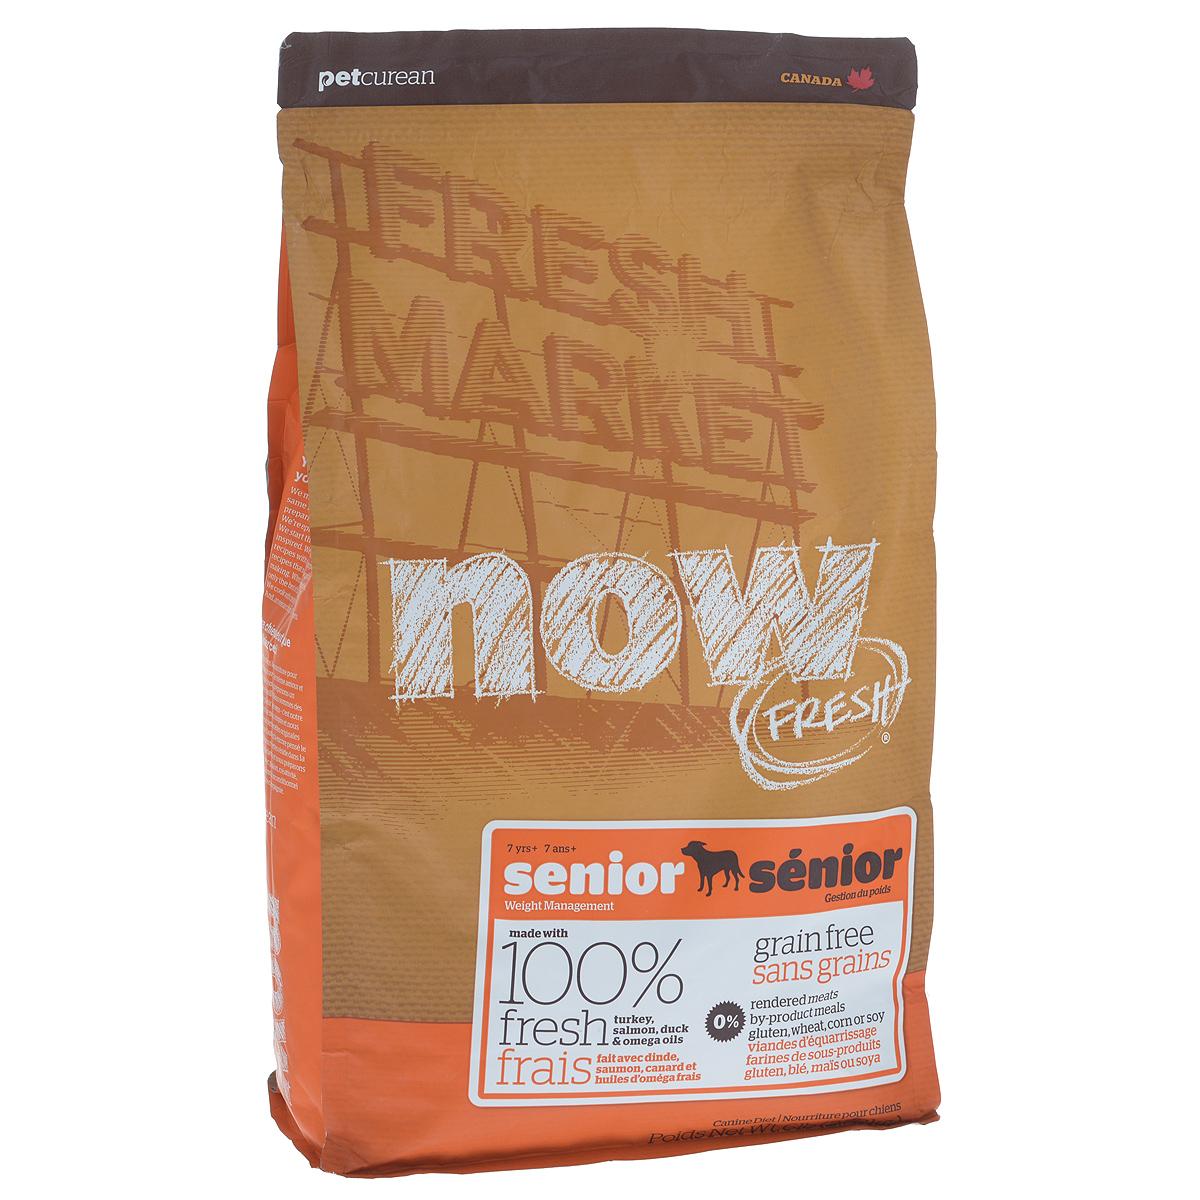 Корм сухой Now Fresh Контроль веса для собак, беззерновой, с индейкой, уткой и овощами, 2,72 кг10129Now Fresh Контроль веса - полностью сбалансированный холистик корм из филе индейки и утки, выращенных на канадских фермах, из лосося без костей, выловленного в озерах Британской Колумбии. Прекрасно подходит собакам старше 7 лет и взрослым собакам (1-6 лет) с избыточным весом.Ключевые преимущества: - полностью беззерновой со сбалансированным содержание белков и жиров, - не содержит субпродуктов, красителей, говядины, мясных ингредиентов, выращенных на гормонах, - омега-масла в составе необходимы для здоровой кожи и шерсти, - пробиотики и пребиотики обеспечивают здоровое пищеварение, - антиоксиданты укрепляют иммунную систему. Состав: Филе индейки, картофель, яблоки, горох, картофельная мука, томаты, сушеная люцерна, масло канолы (источник витамина Е), натуральный ароматизатор, утиное филе, филе лосося, кокосовое масло (источники витамина Е), свежие цельные яйца, семена льна, морковь, тыква, бананы, черника, клюква, малина, ежевика, папайя, ананас, грейпфрут, чечевица, брокколи, шпинат, творог, ростки люцерны, сушеные водоросли, карбонат кальция, дикальций фосфат, лецитин, хлорид натрия, хлорид калия, витамины (витамин Е, L-аскорбил-2-полифосфатов (источник витамина С), никотиновая кислота, инозит, витамин А, тиамина мононитрат, пантотенатD-кальция, пиридоксина гидрохлорид, рибофлавин, бета-каротин, витамин D3, фолиевая кислота, биотин, витамин В12), минералы (цинка протеинат, сульфат железа, оксид цинка, железа протеинат, сульфат меди, меди протеинат, марганца протеинат, оксид марганца, йодат кальция, селена, дрожжи), таурин, DL-метионин, L-лизин, глюкозамин гидрохлорид, сухой корень цикория, Lactobacillus, Enterococcusfaecium, Aspergillus, дрожжевой экстракт, экстракт юкки Шидигера, хондроитин сульфат, календулы, L-карнитин, сушеный розмарин. Гарантированный анализ: белки - 24%, жиры - 10%, клетчатка (max) - 6%, влажность (max) - 10%, фосфор (min) - 0,7%, глюкозамин (